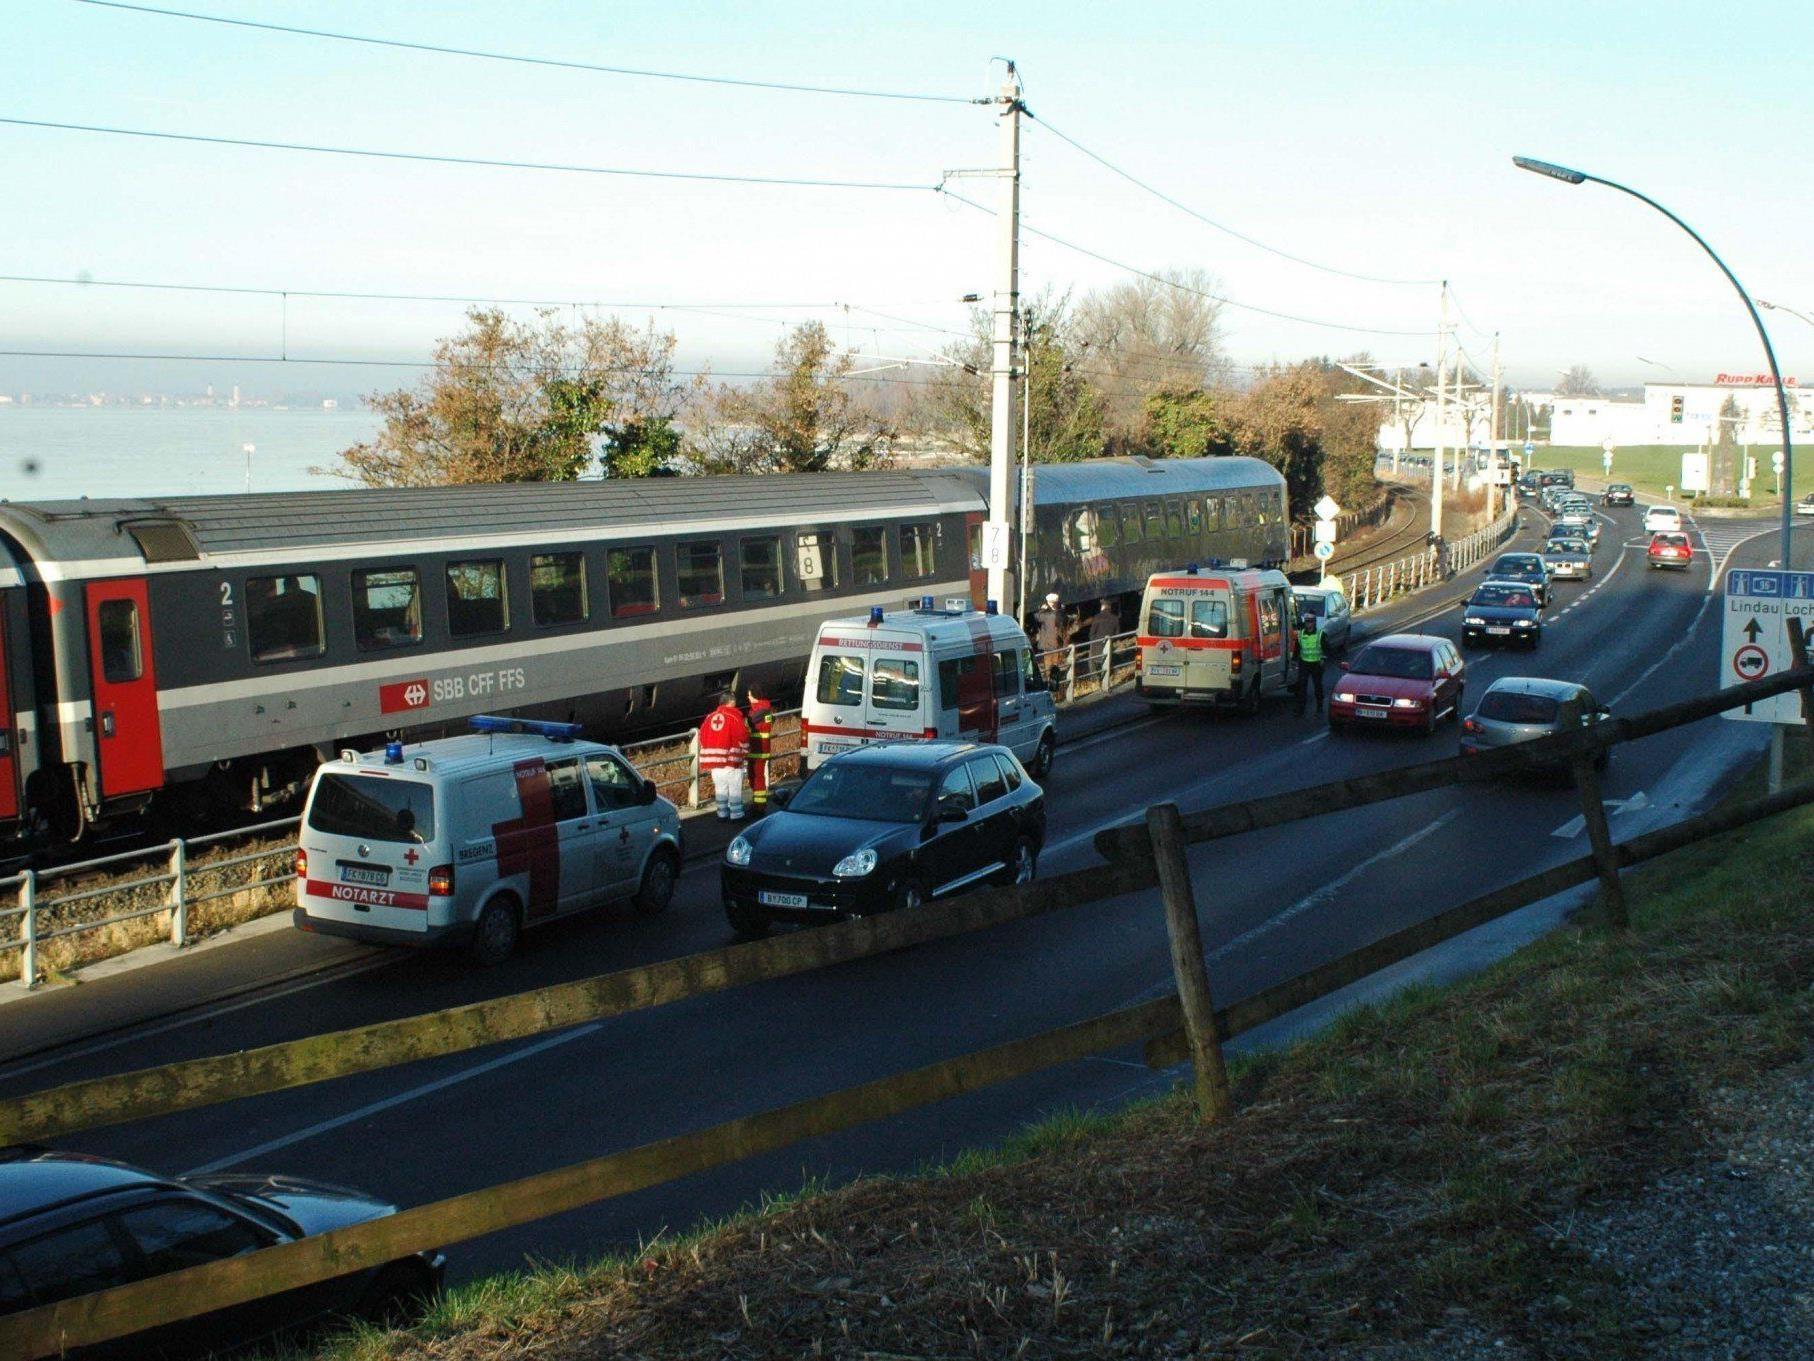 Beim dem Zugunglück im Dezember 2006 wurden eine Polizistin, ein Polizist und ein Bestatter getötet.